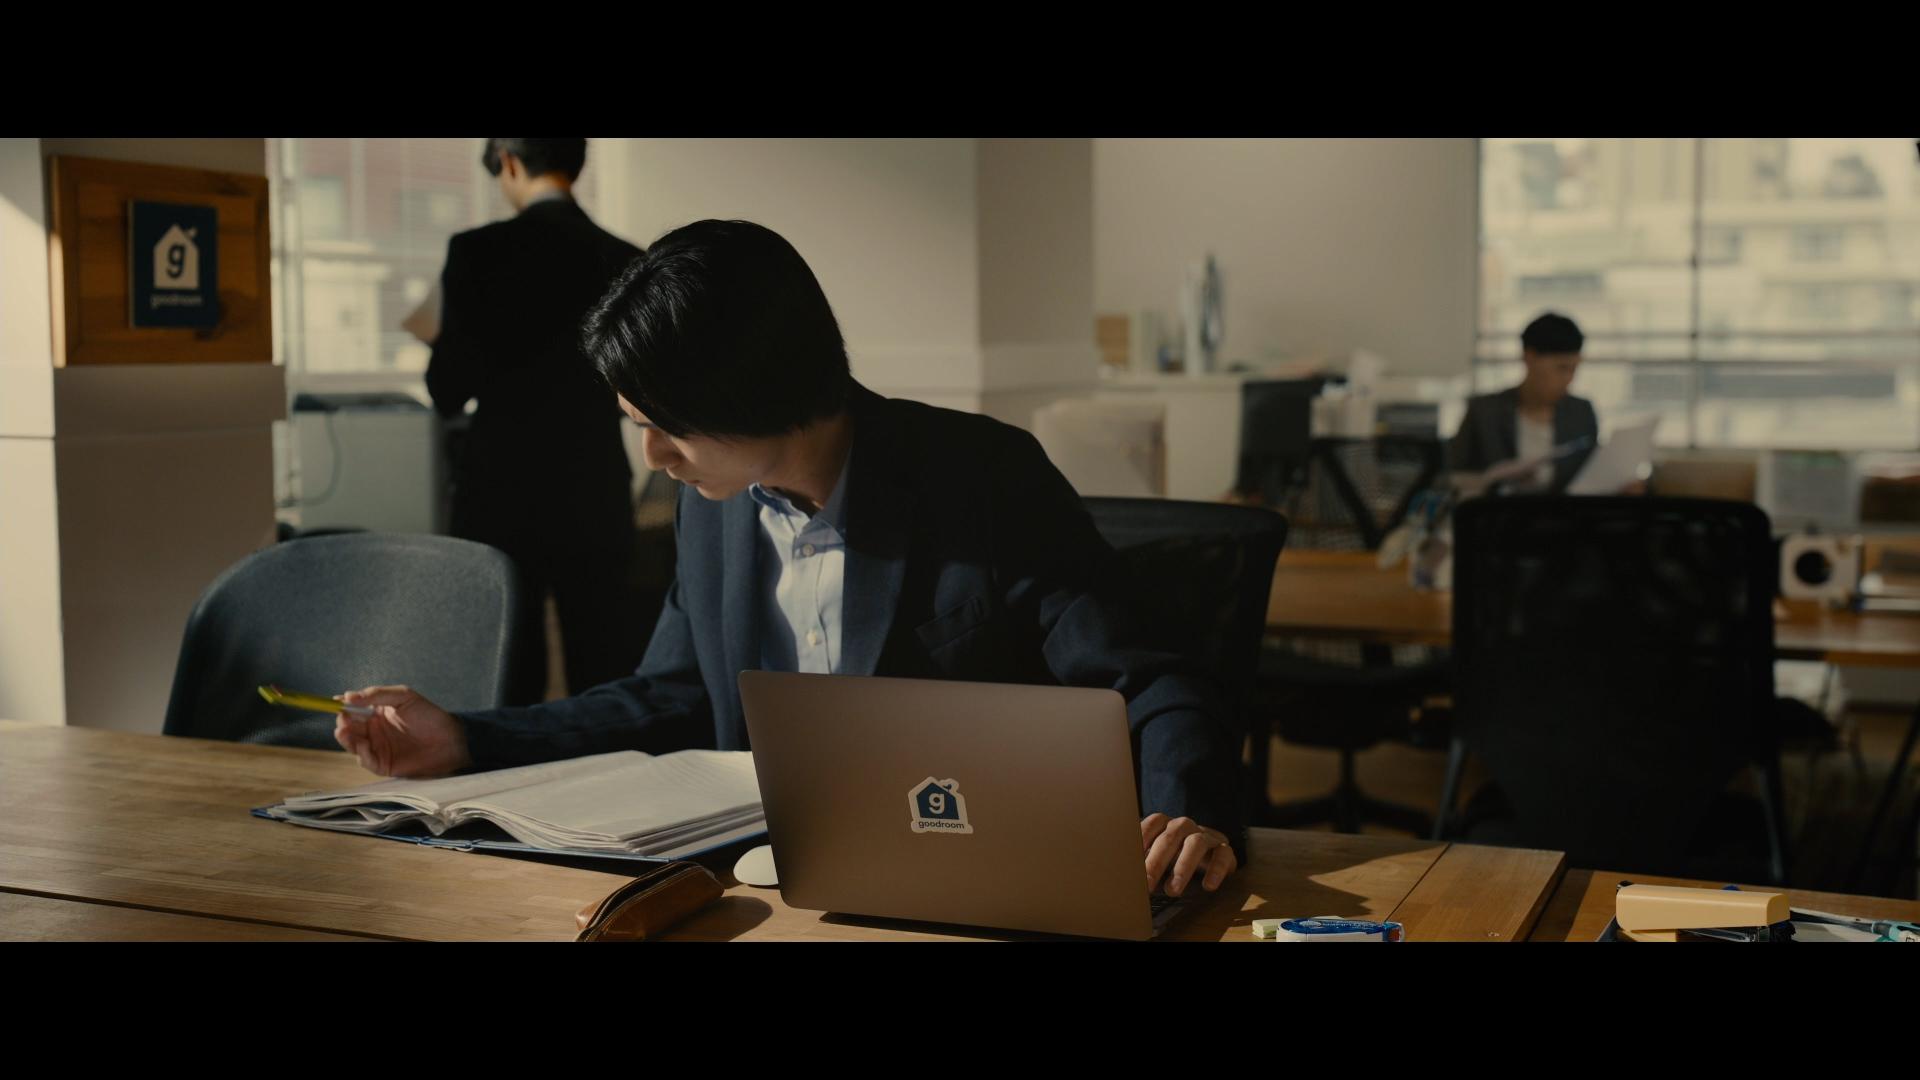 偶然にも、スバルの勤務先は不動産会社という設定。グッドルームの品川事務所にて撮影が行われました。